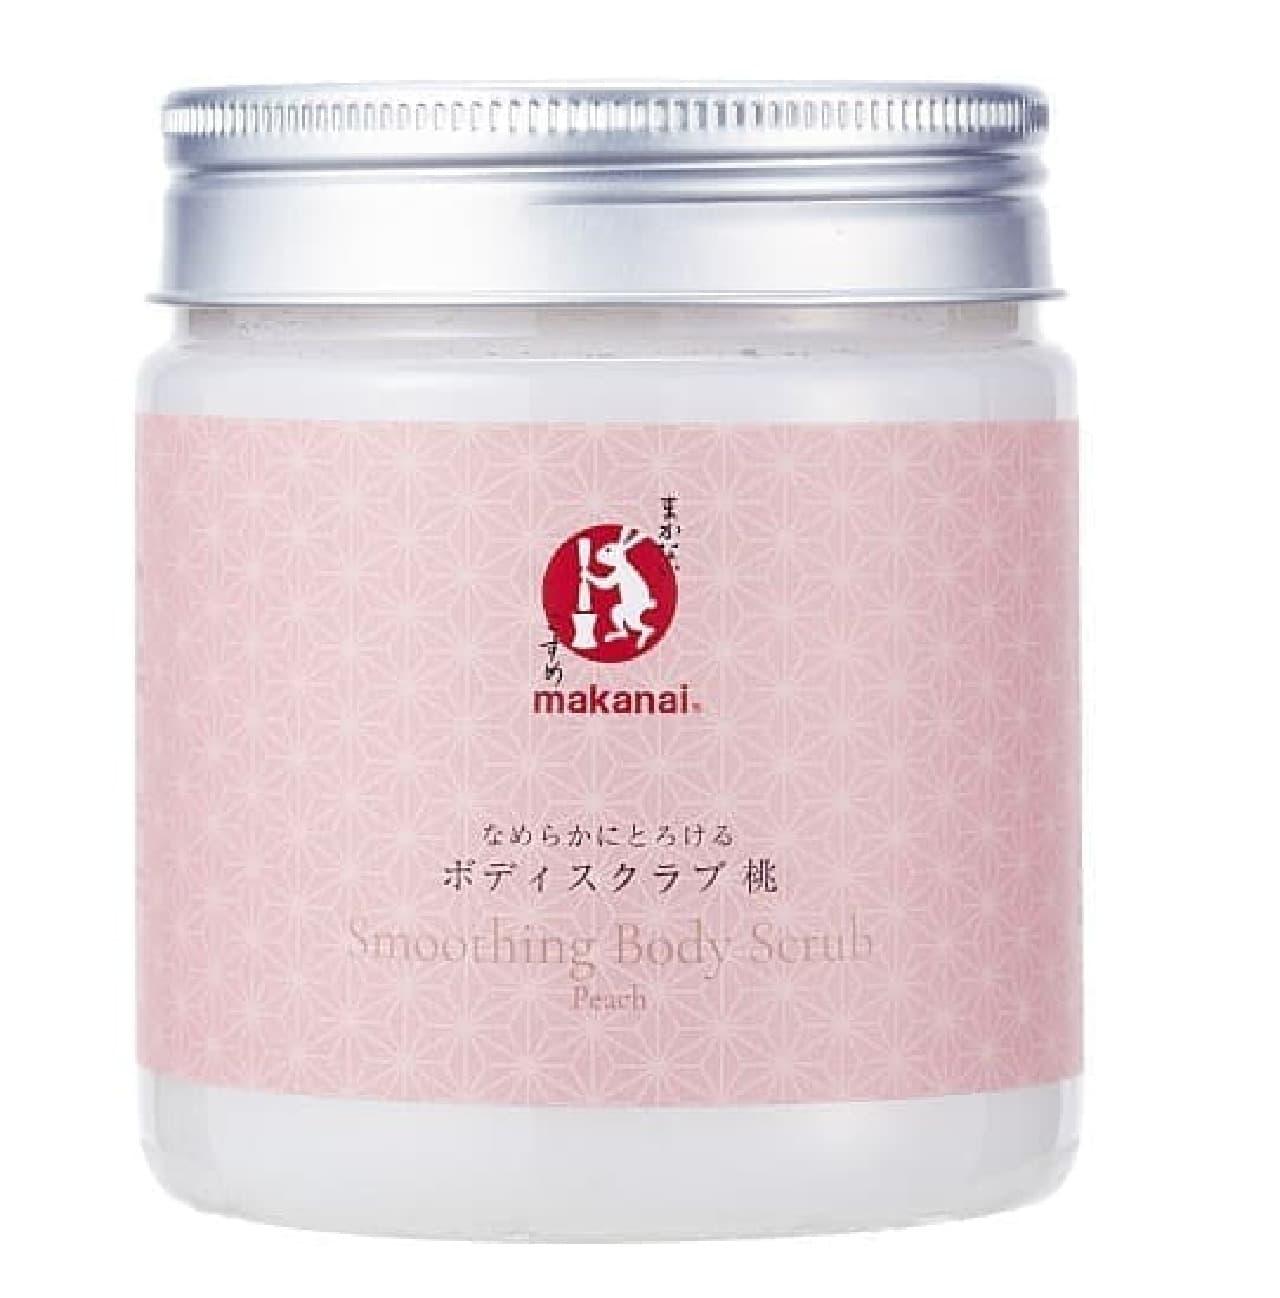 和コスメブランド『まかないこすめ』から桃の香りのシリーズ